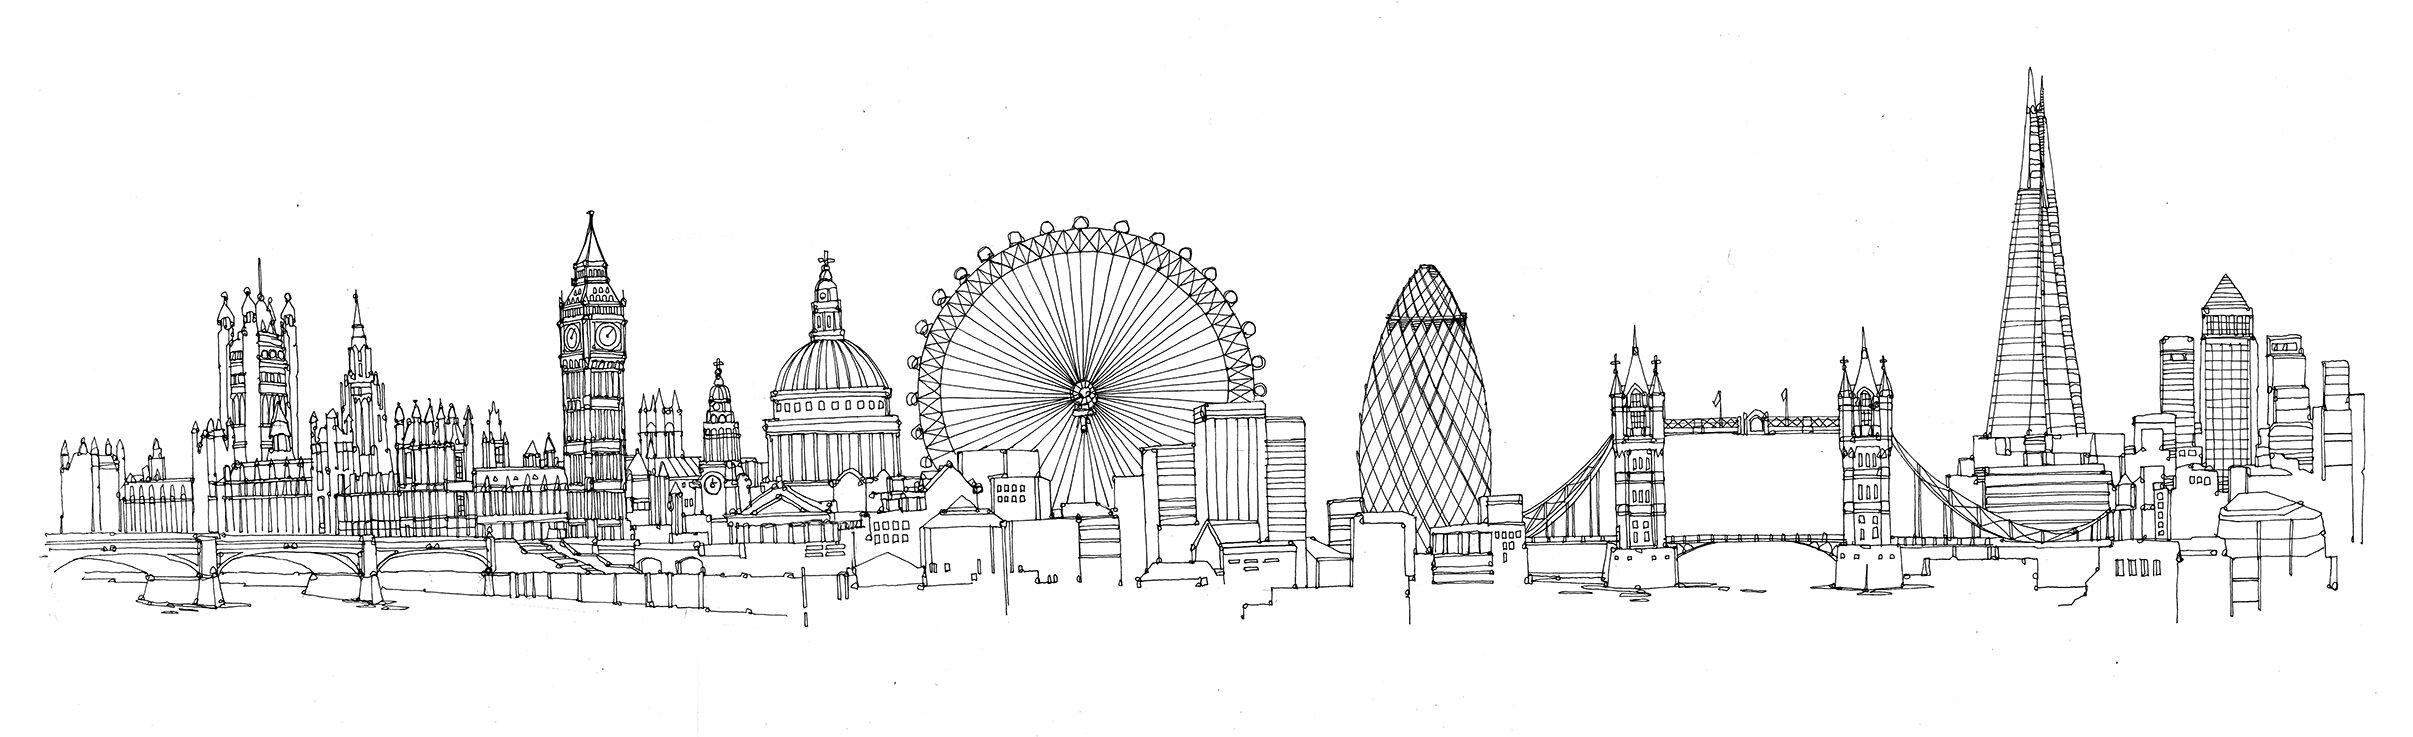 london panorama skyline2b.jpg